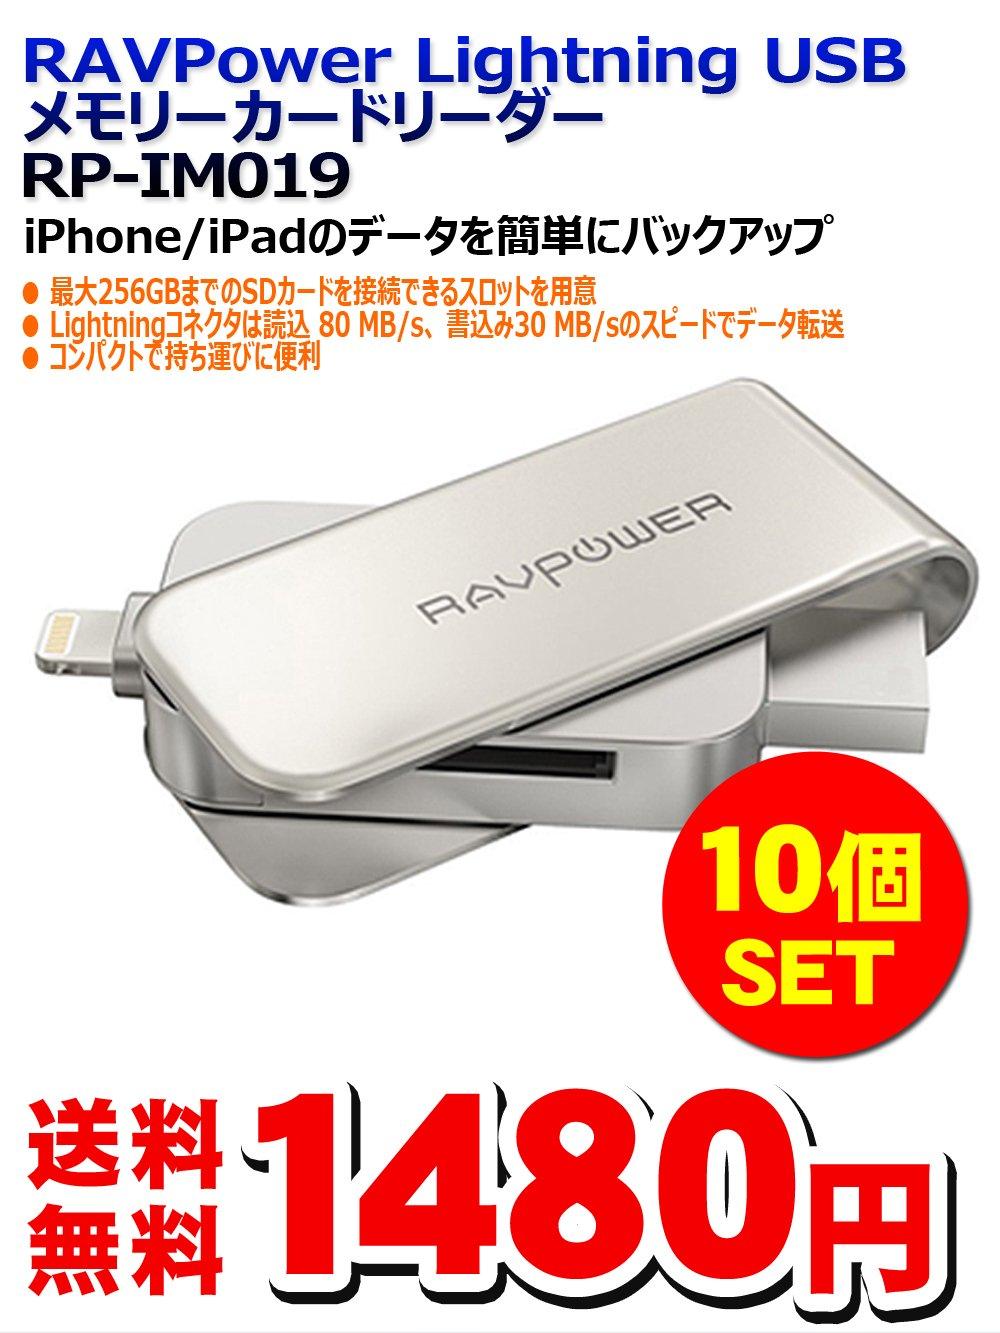 【送料無料】RAVPower Lightning USBメモリーカードリーダー(RP-IM019)iPhone/iPadのデータを簡単にバックアップ【10個セット】1480円